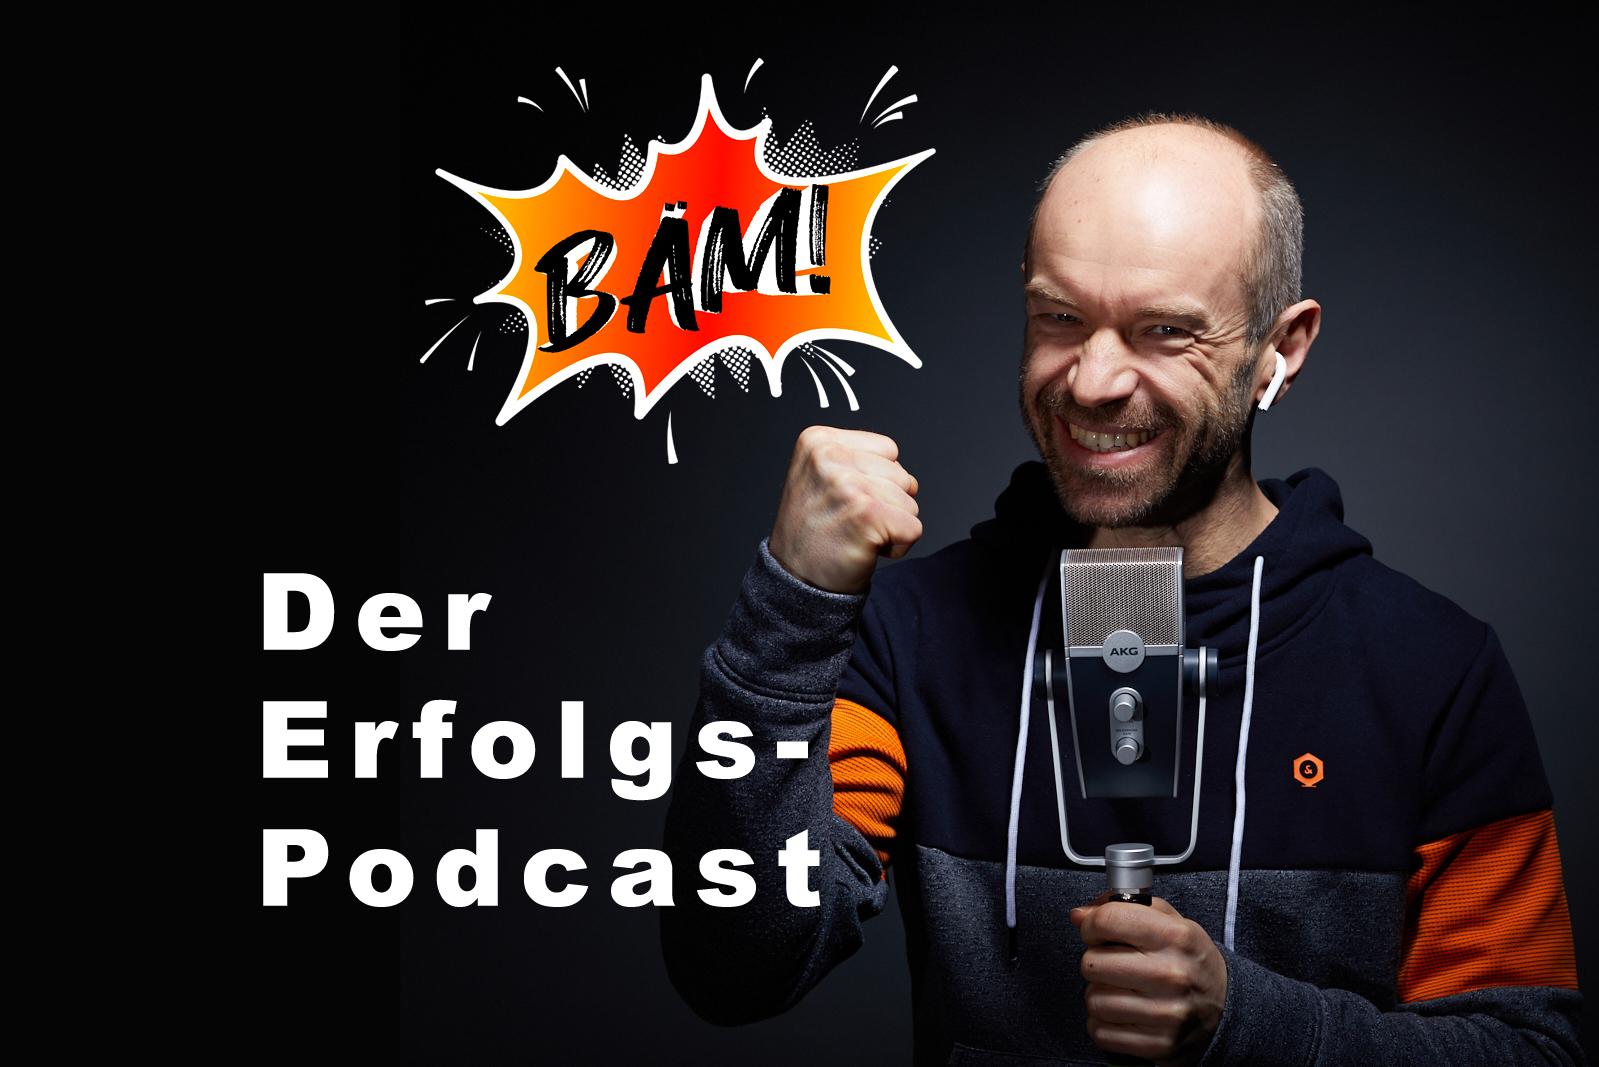 BÄM! - Der Erfolgspodcast